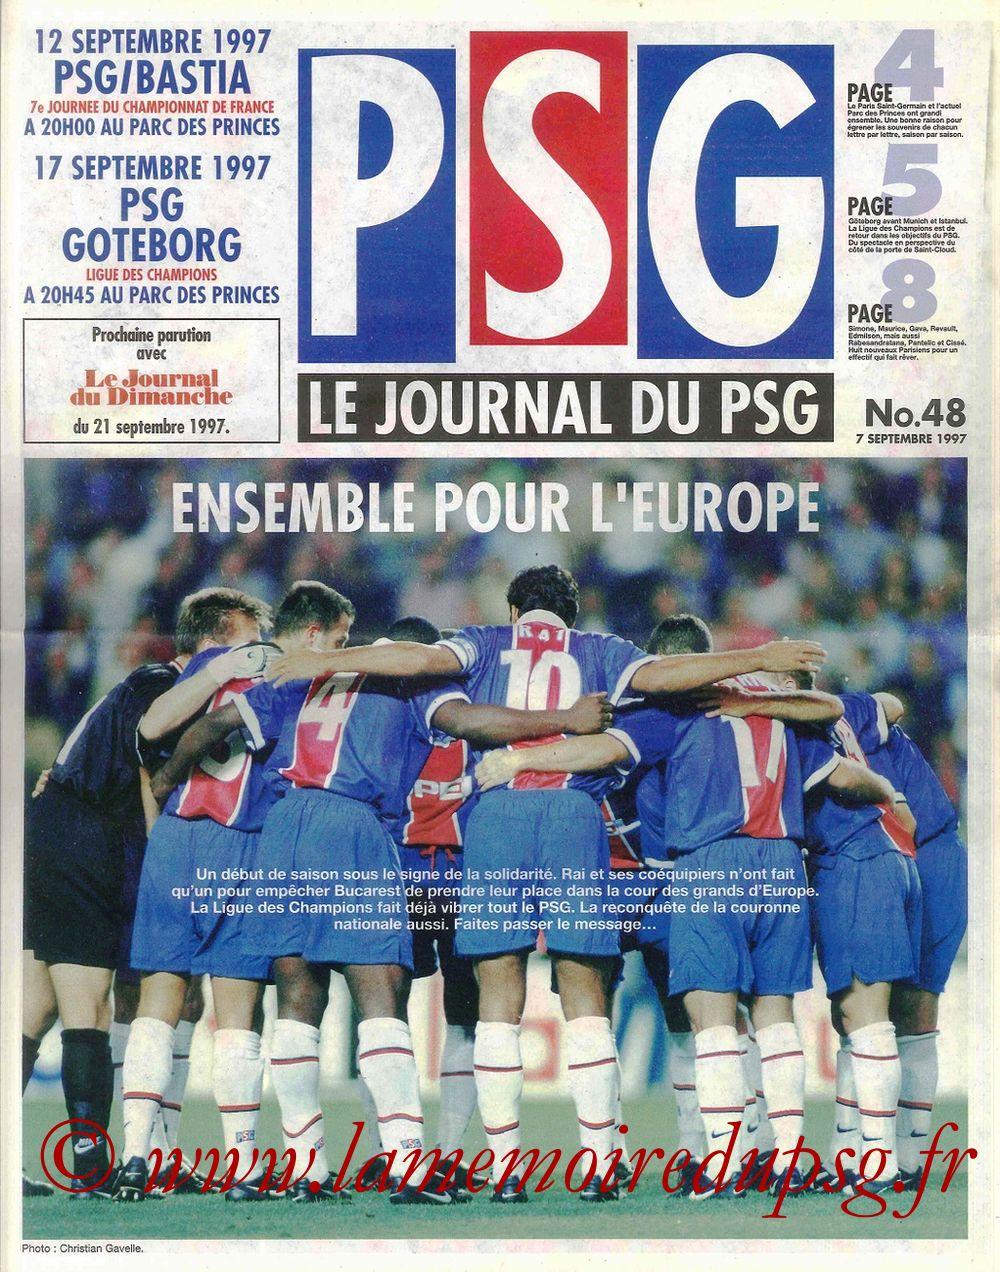 1997-09-12  PSG-Bastia (7ème D1, Le Journal du PSG N°48)